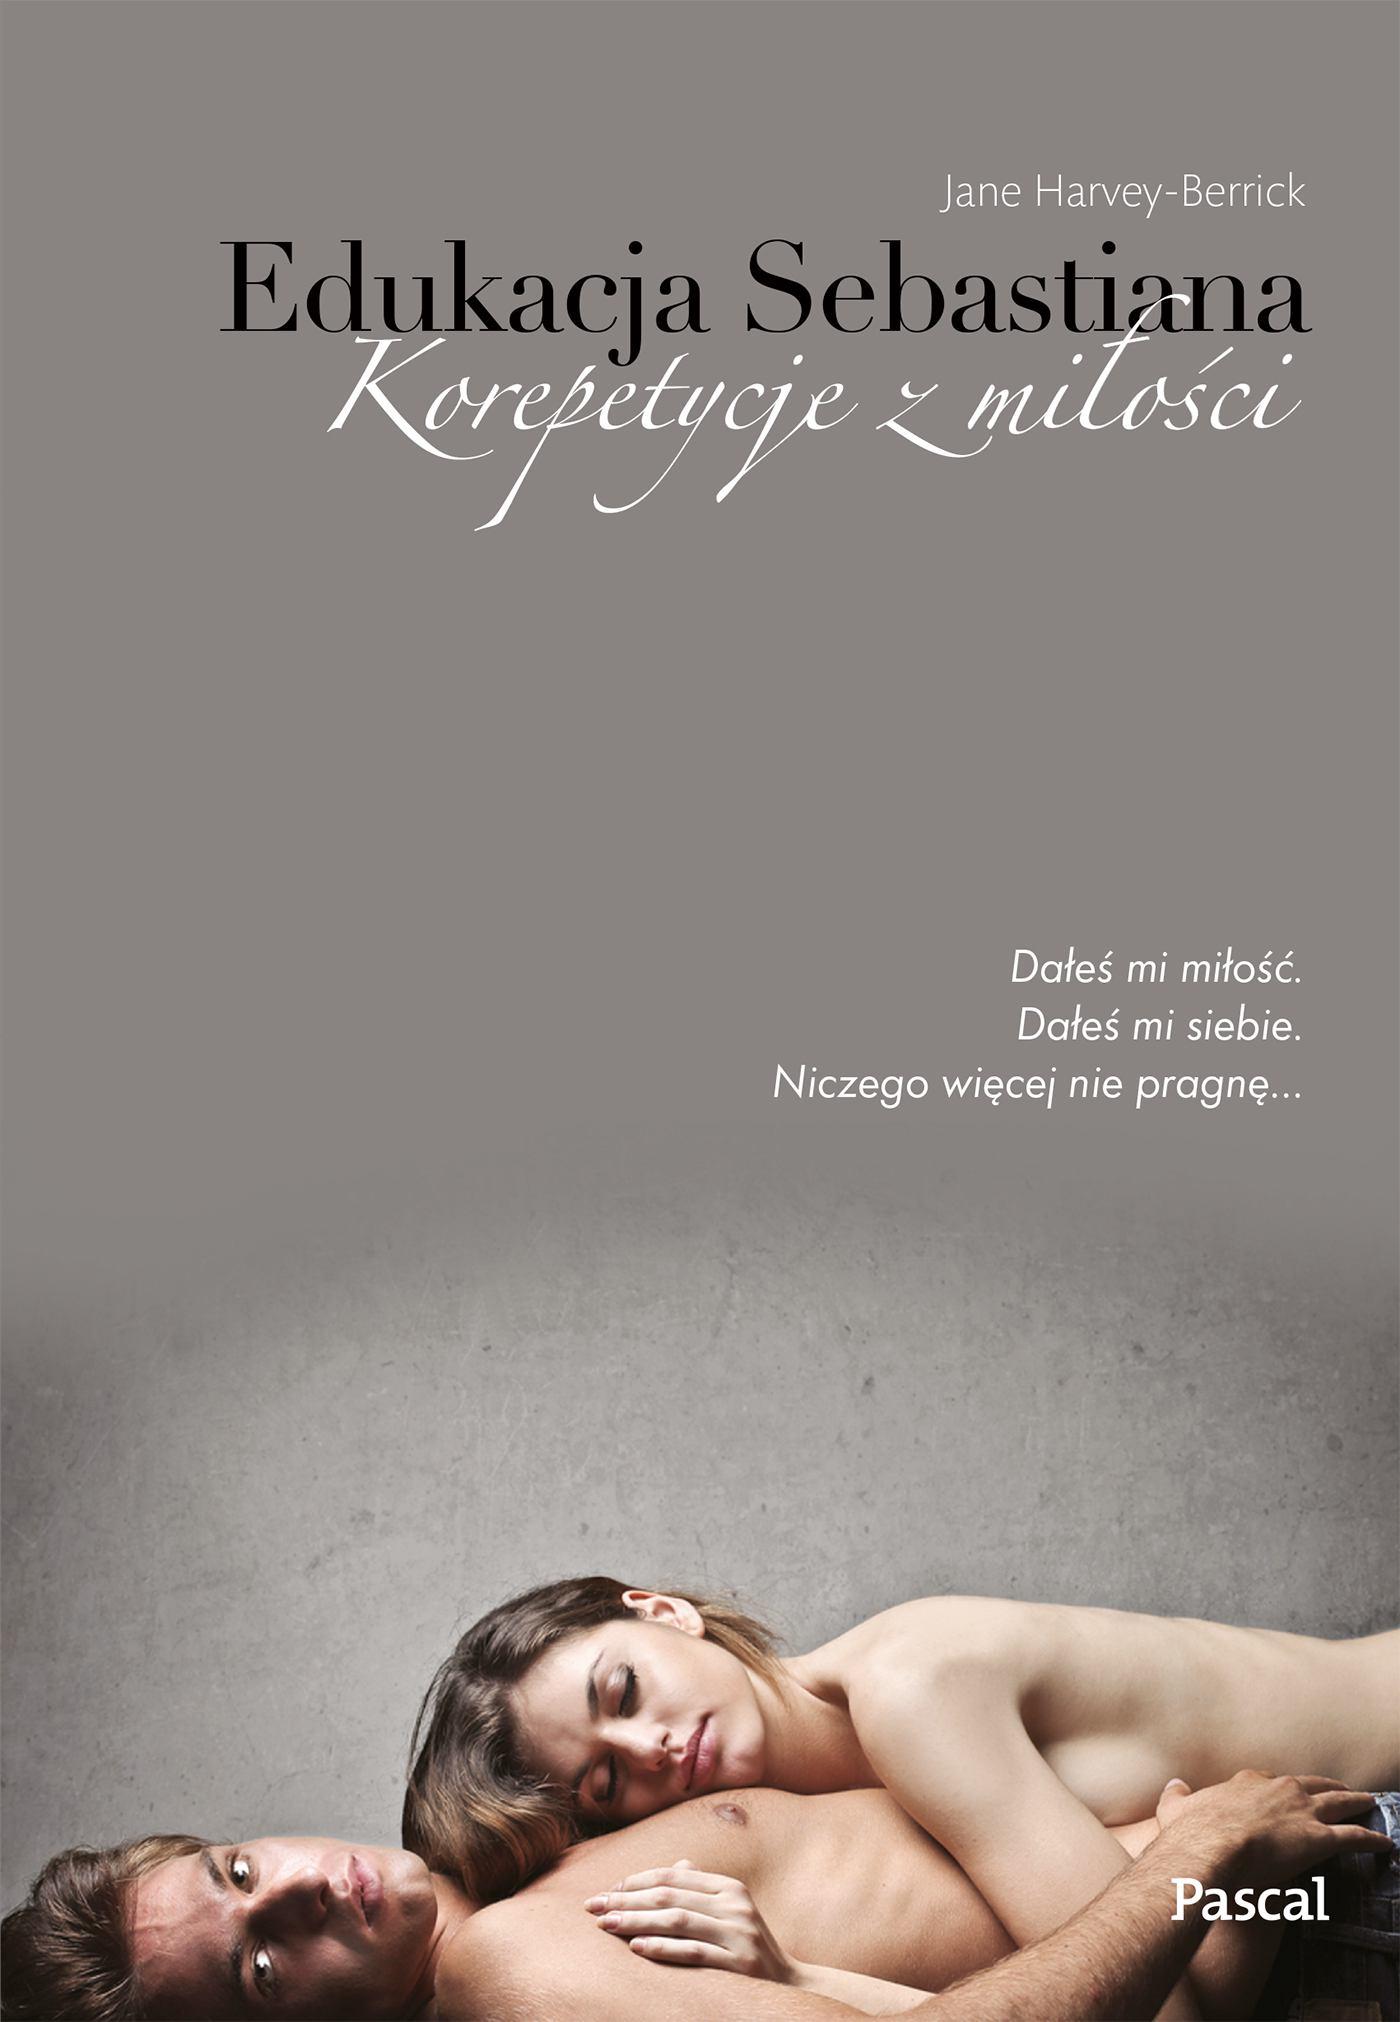 Edukacja Sebastiana - Ebook (Książka na Kindle) do pobrania w formacie MOBI